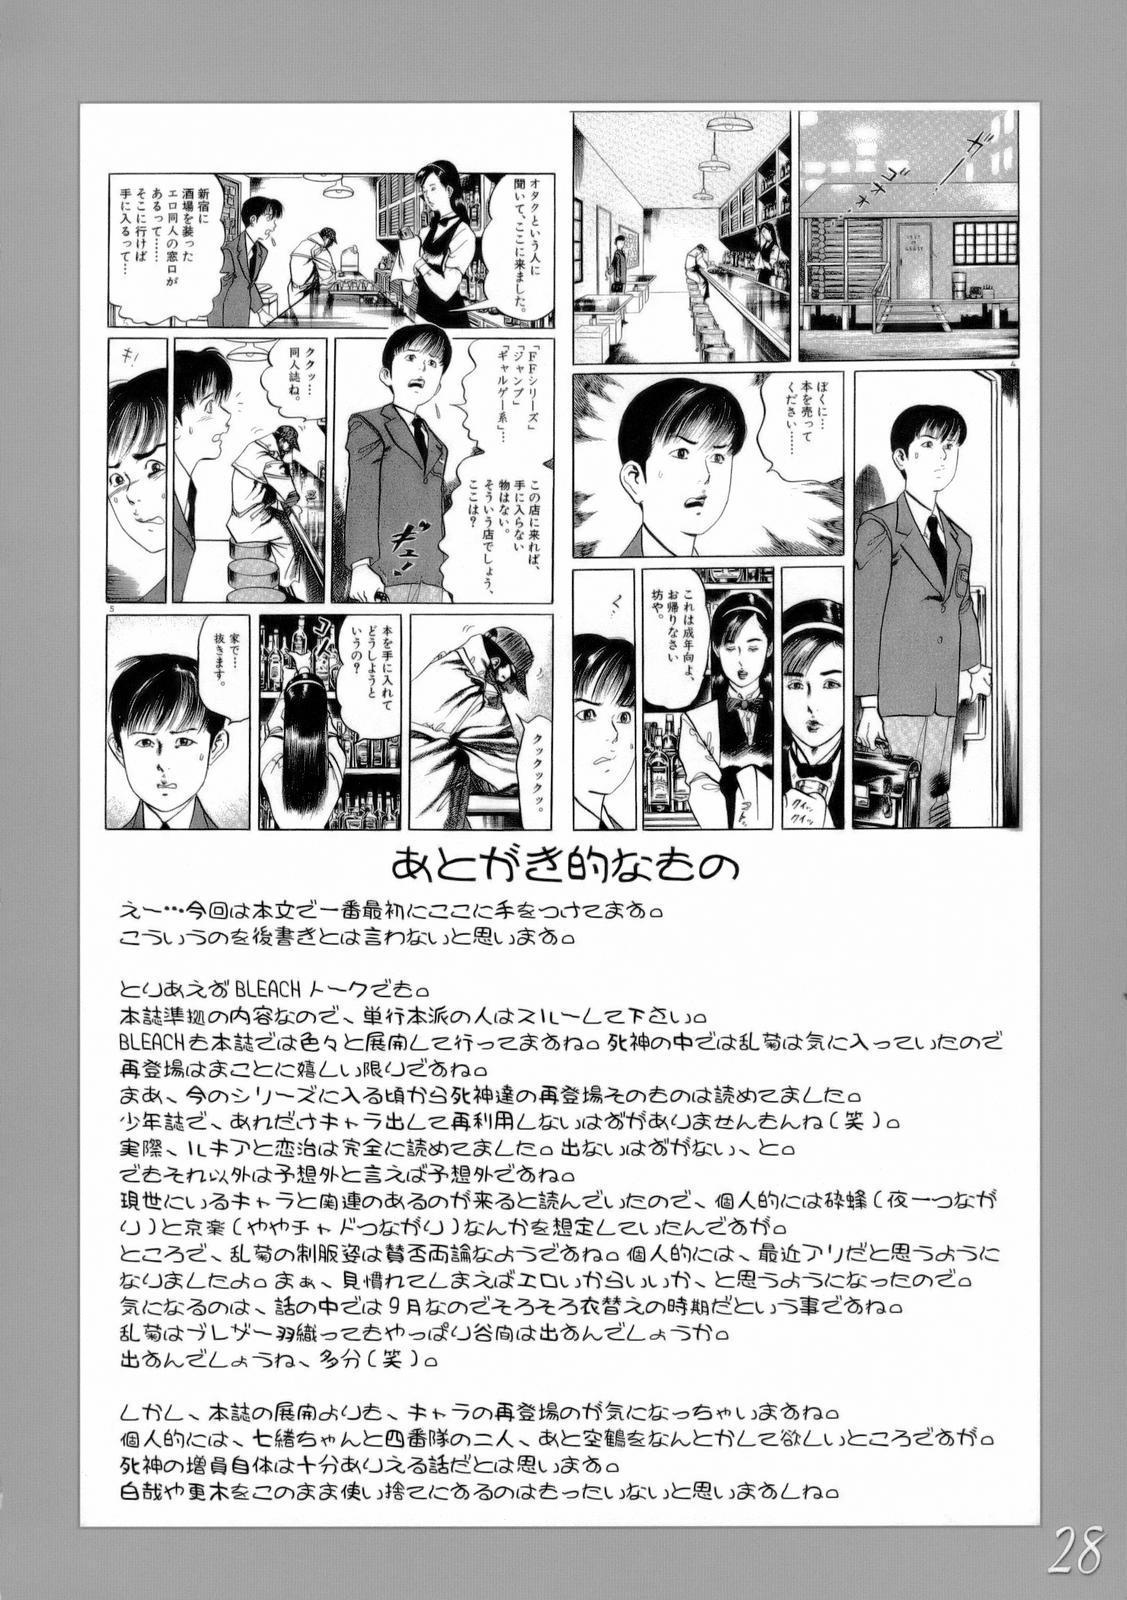 (CT7) [HIGHWAY-SENMU (Maban, Saikoubi)] H-Sen 9 - Erotical Miyasato Bros. (Bleach) 26